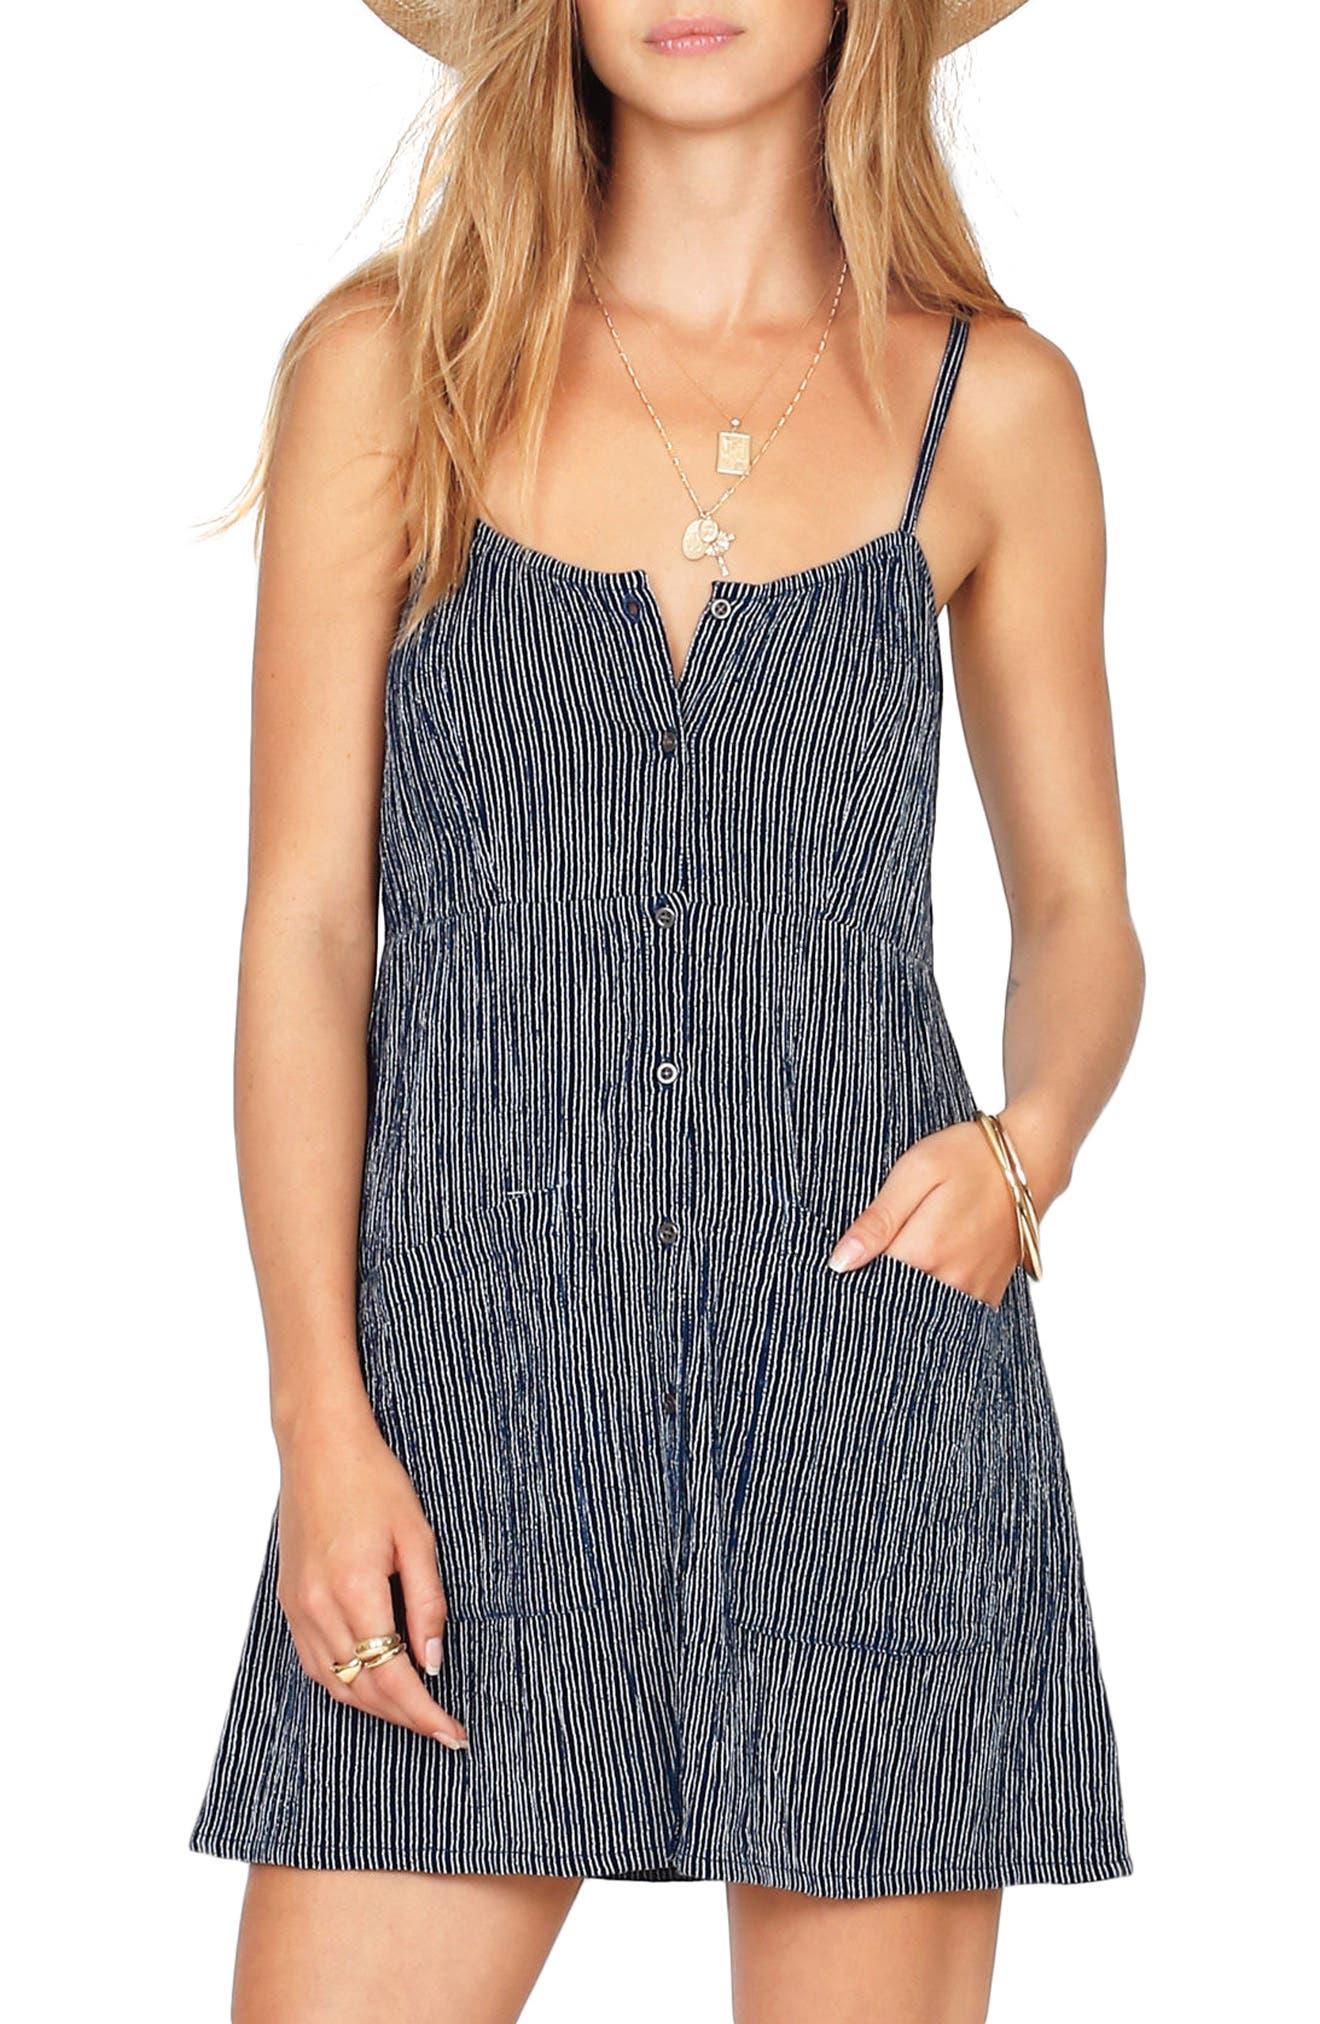 Amuse Society Brunch Date Stripe Dress